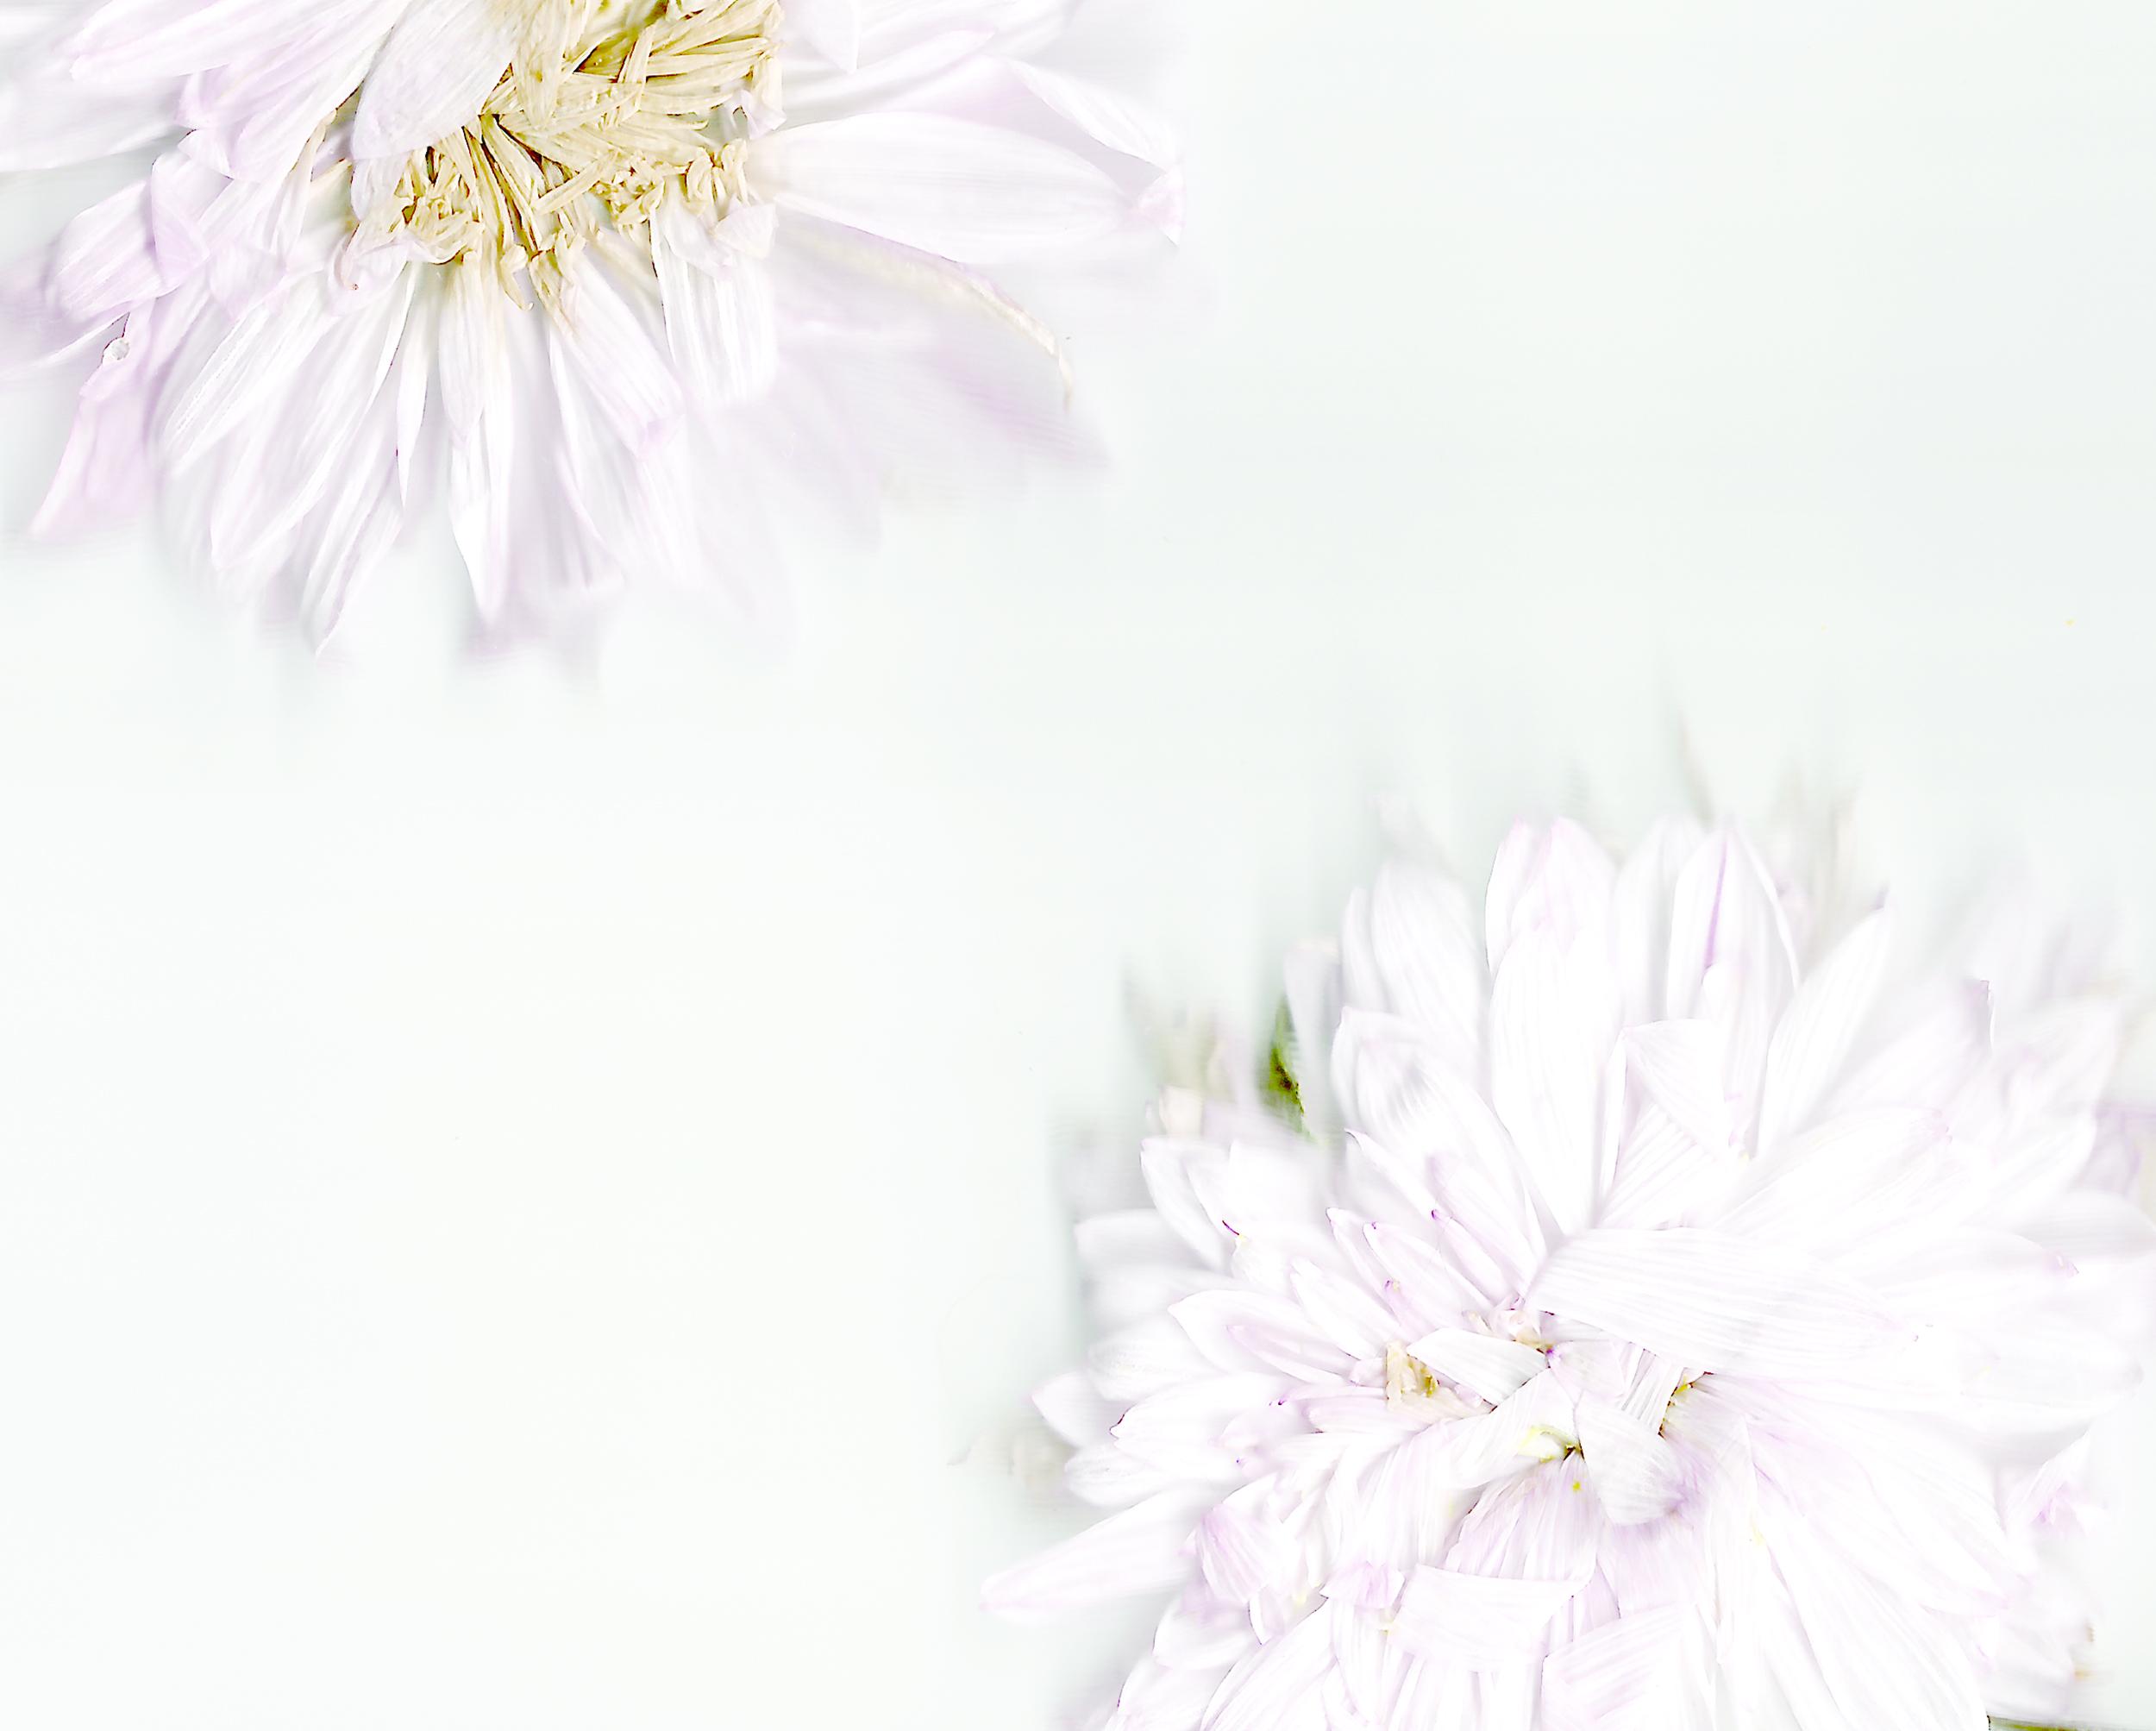 hayley-roberts-photo-design-art.jpg